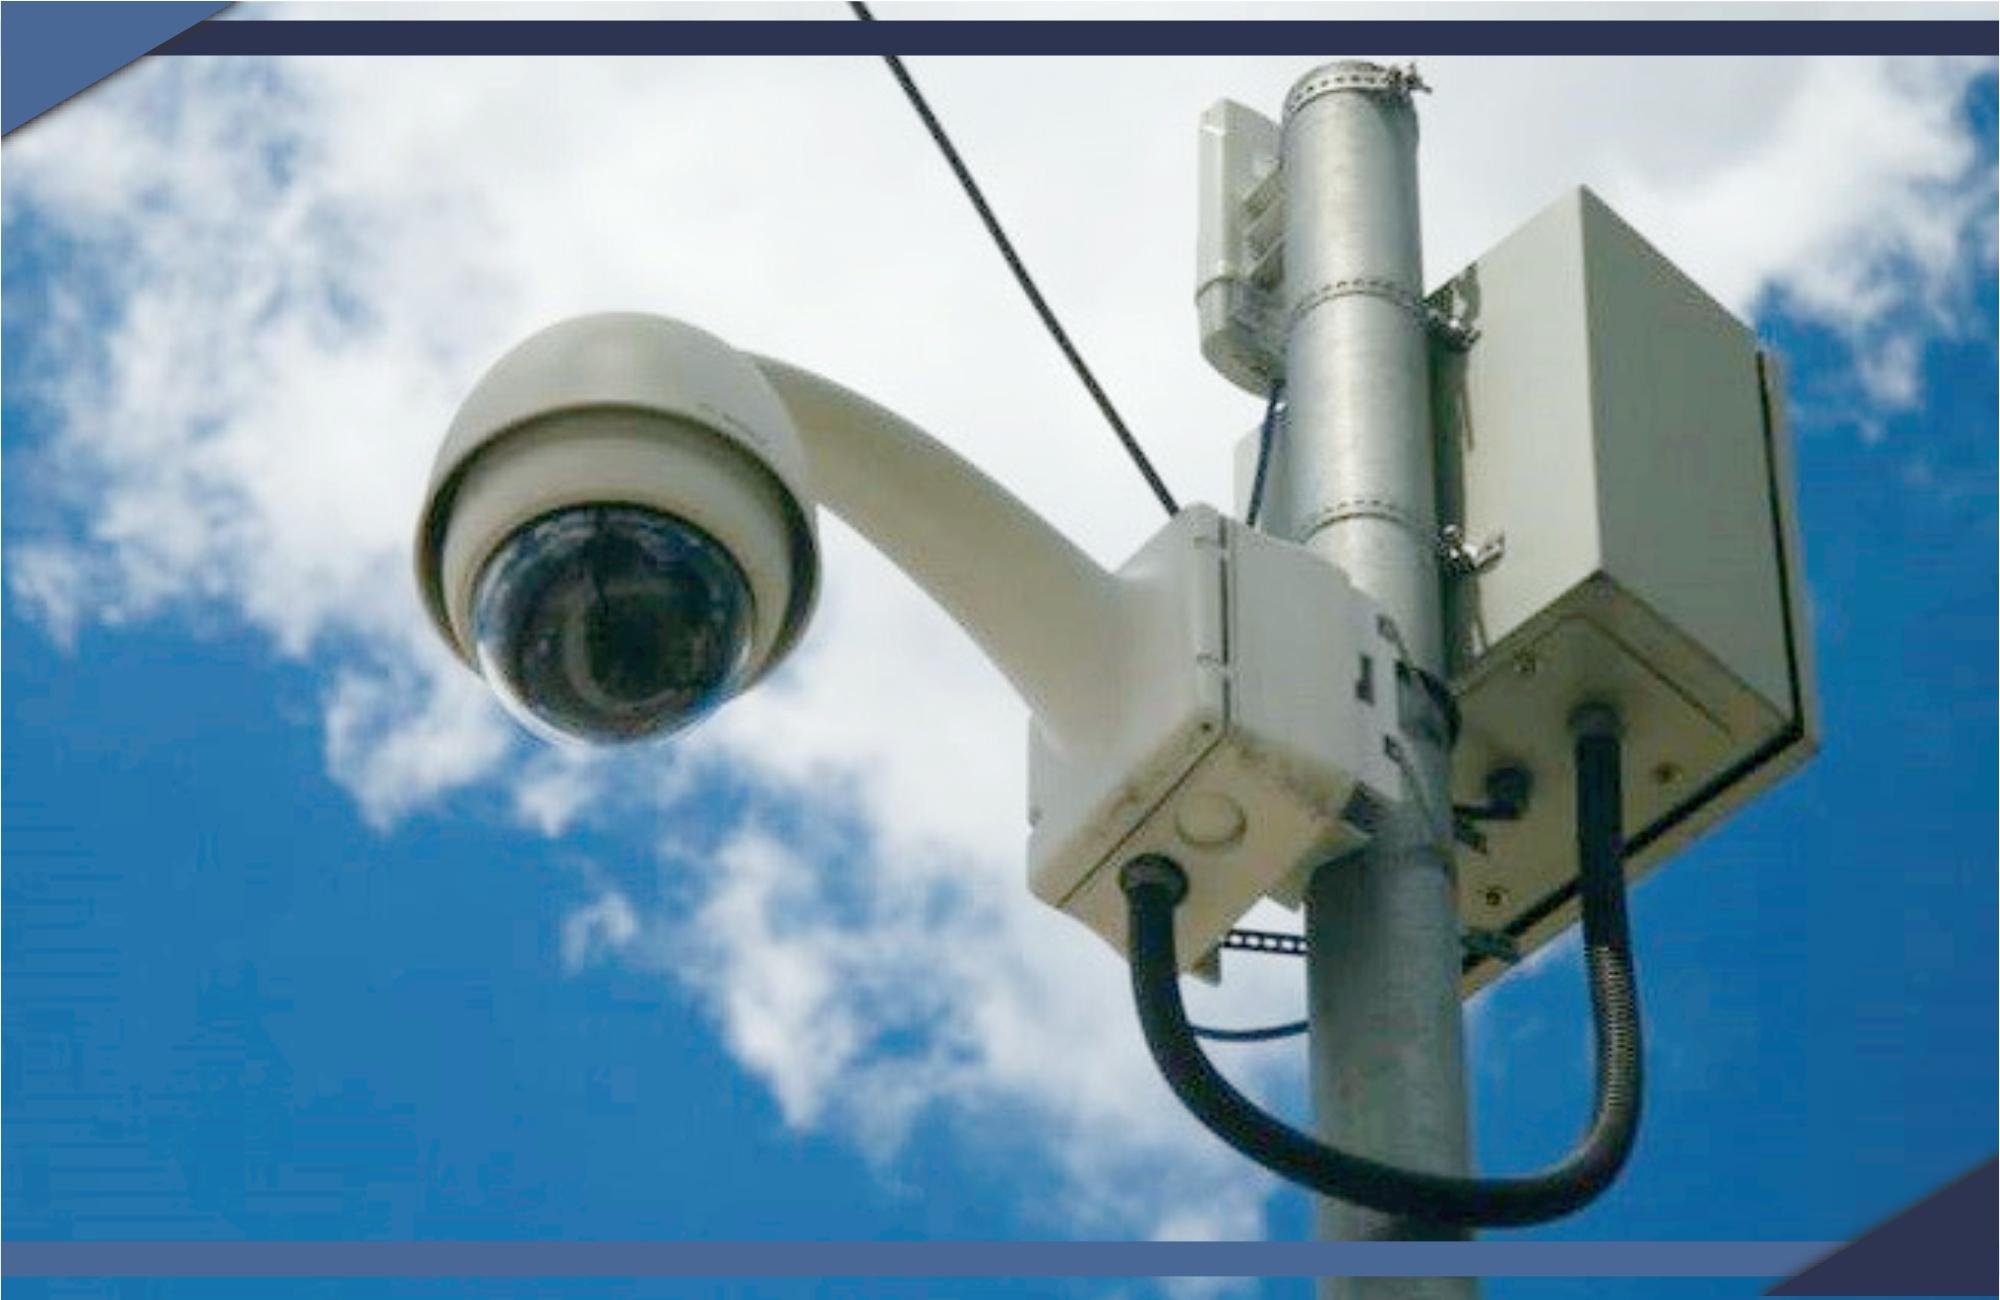 Central de monitoramento:  24 horas por dia auxiliando  na segurança do Município